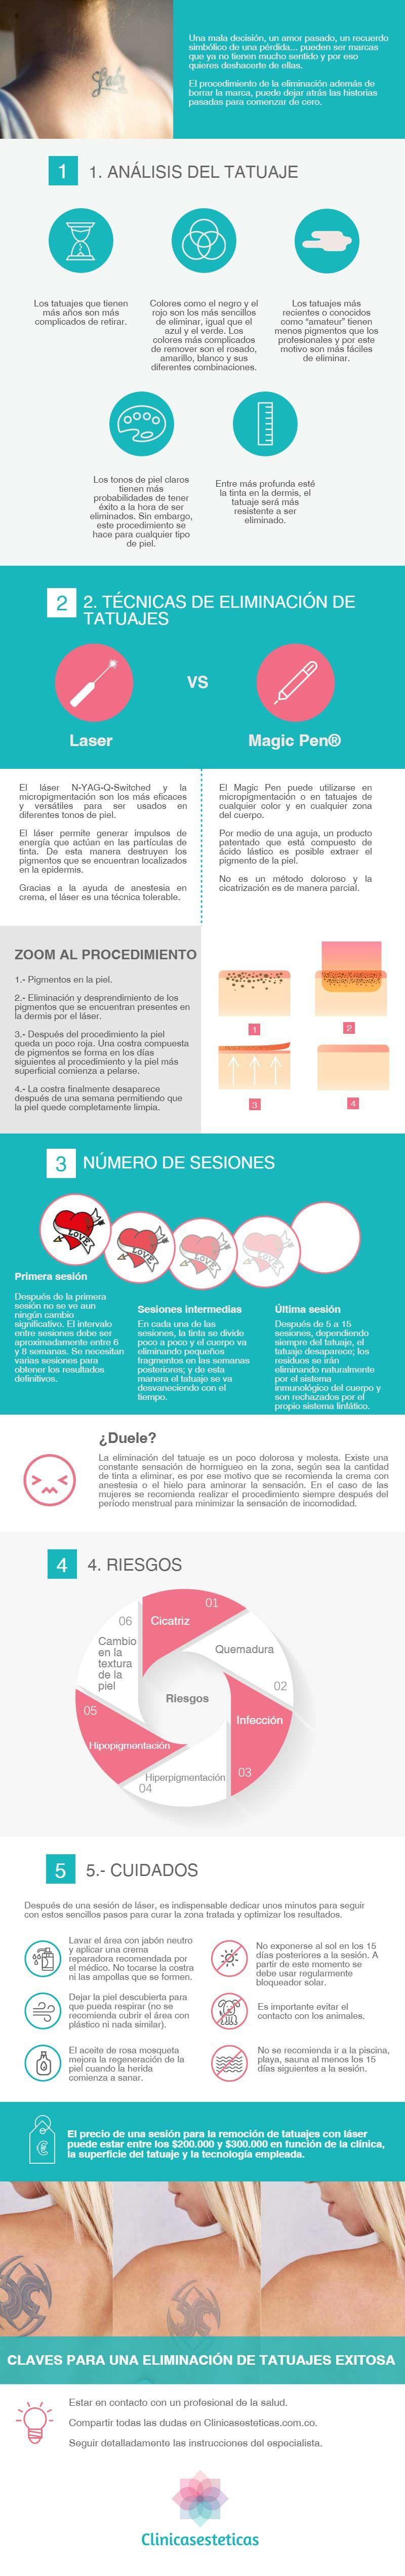 infografia-todo.jpg